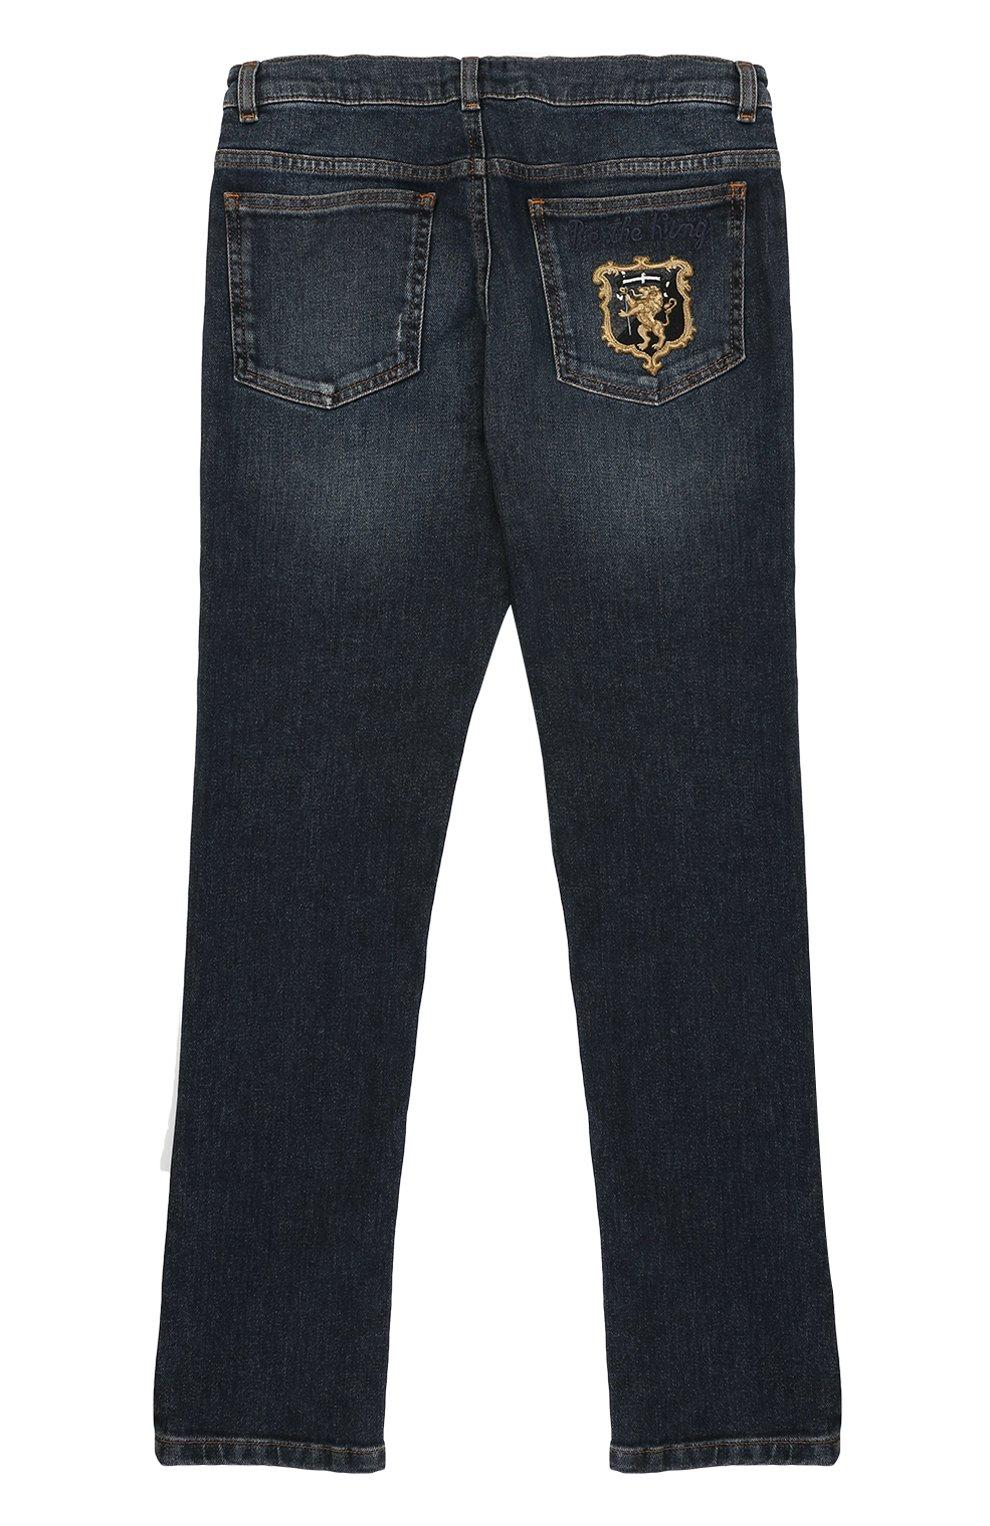 Детские джинсы прямого кроя с вышивкой Dolce & Gabbana темно-синего цвета | Фото №2